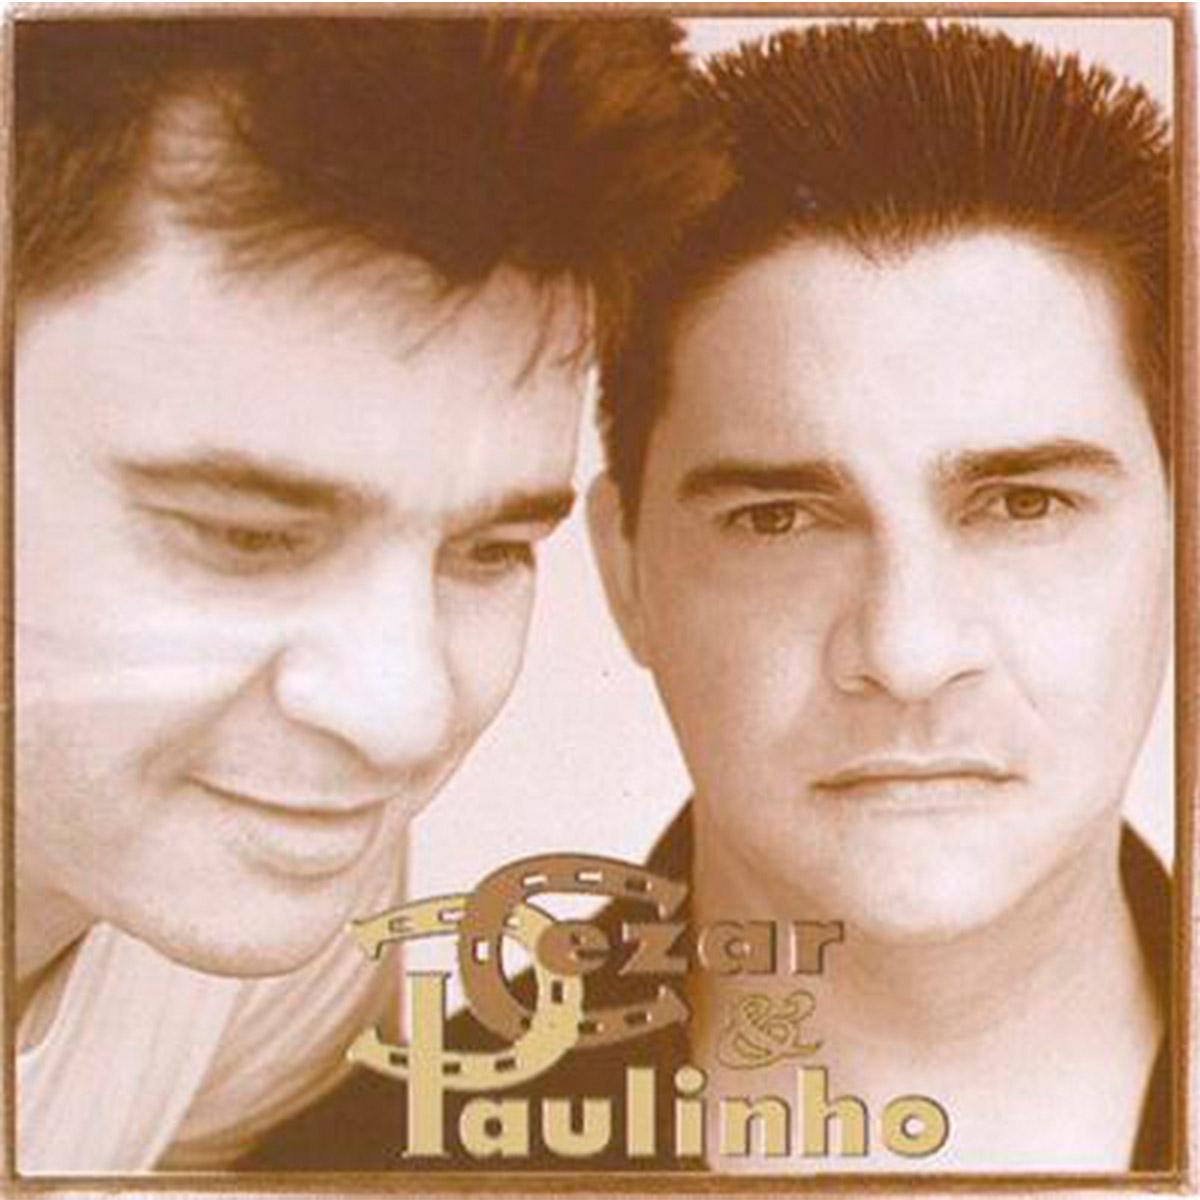 CD Cezar & Paulinho Nóis é Cauboi, Nóis é Xiki no Úrtimo